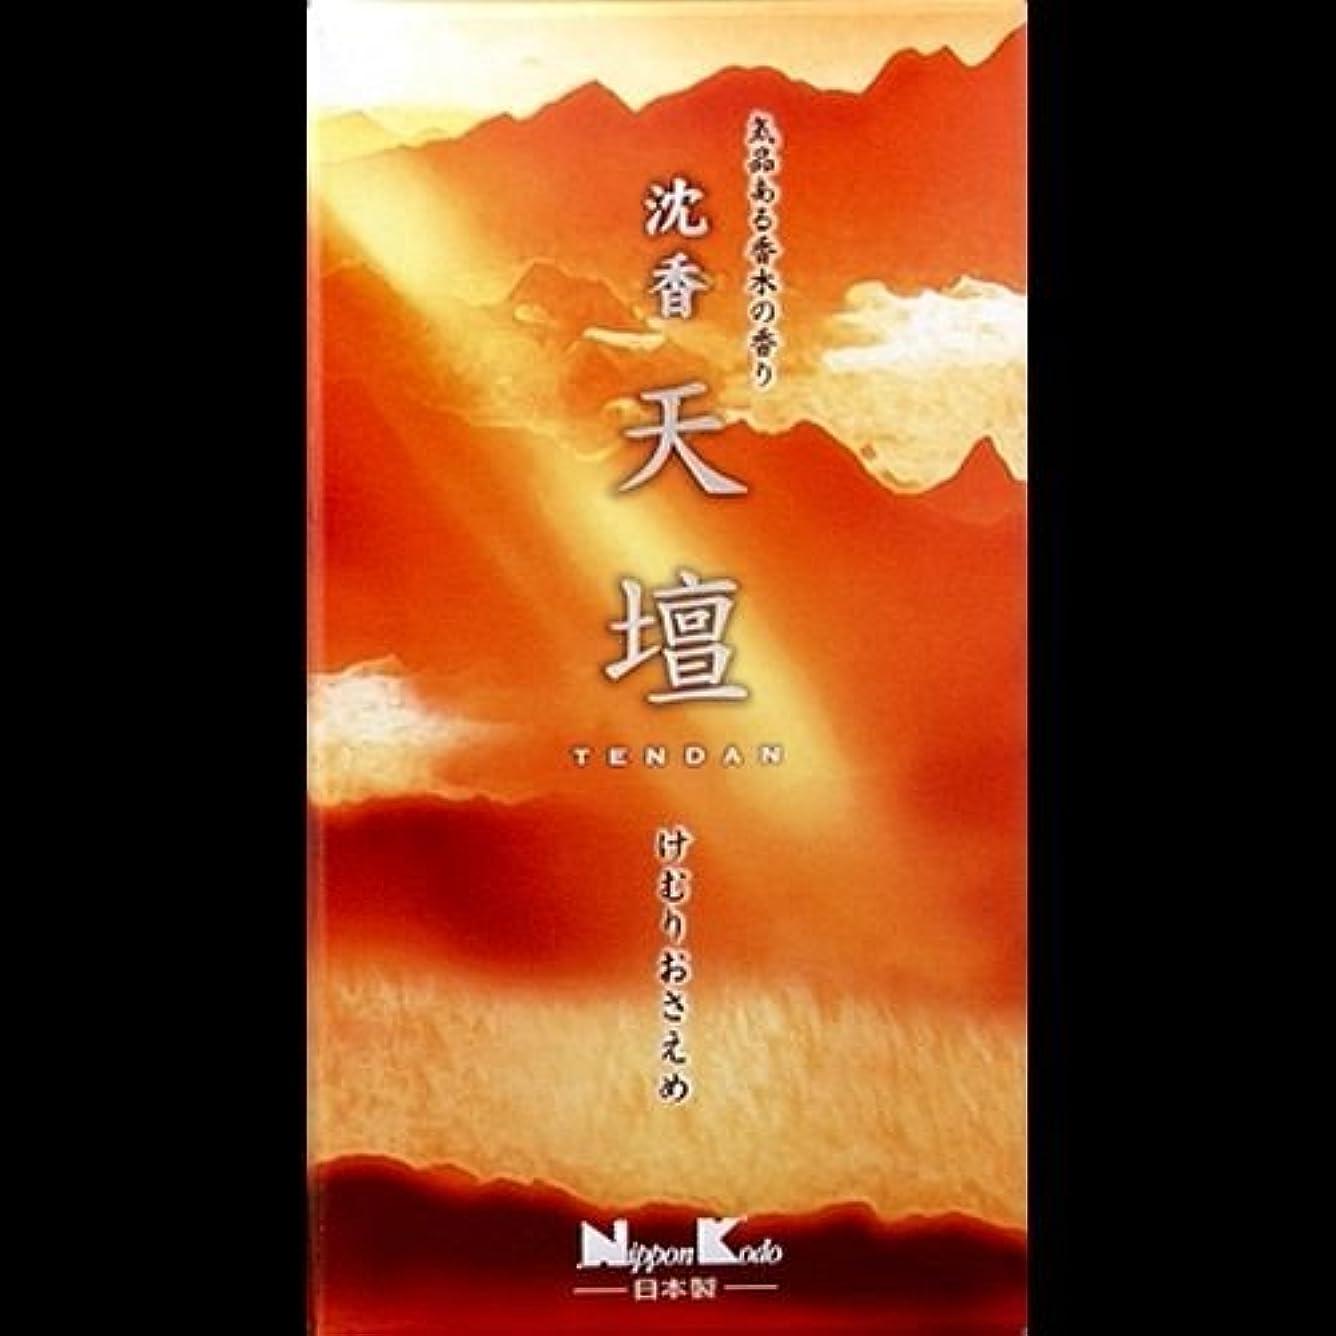 強調する効果的研磨剤【まとめ買い】沈香天壇 バラ詰 ×2セット